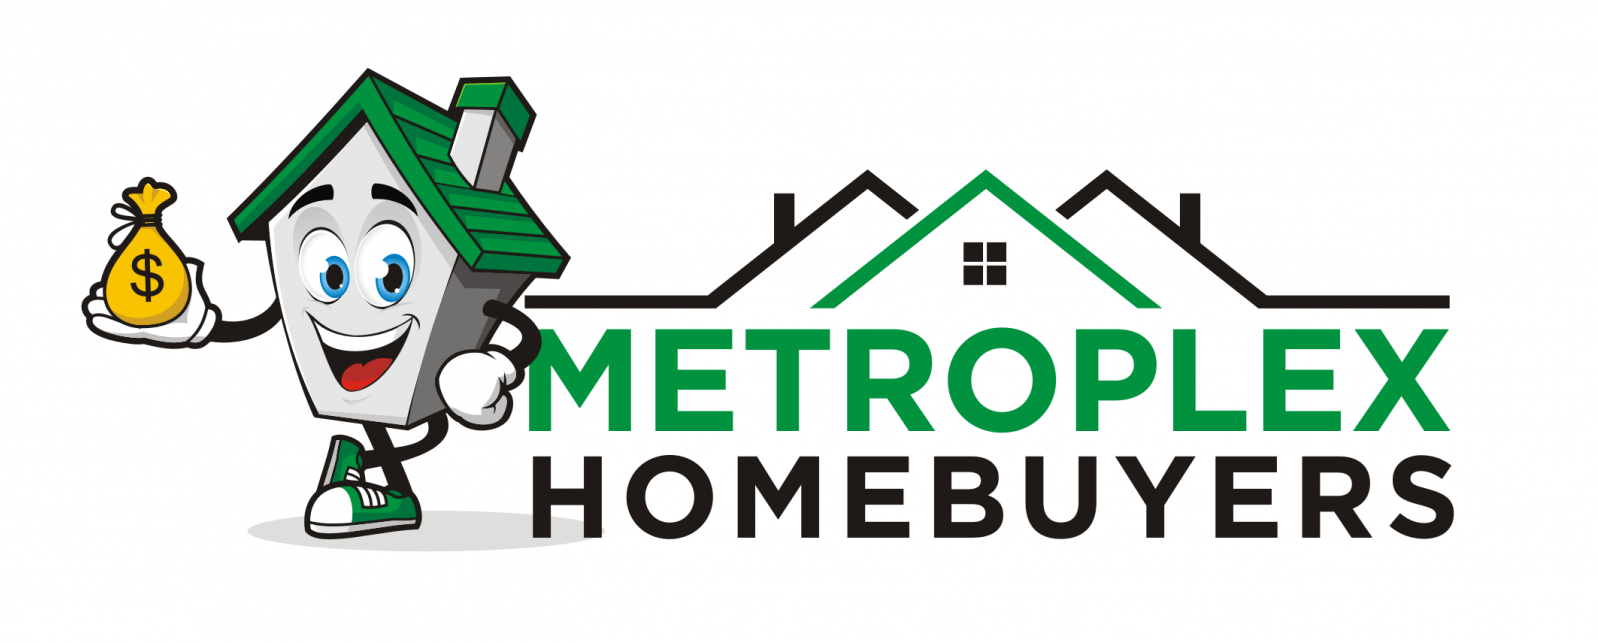 Metroplex Homebuyers  logo